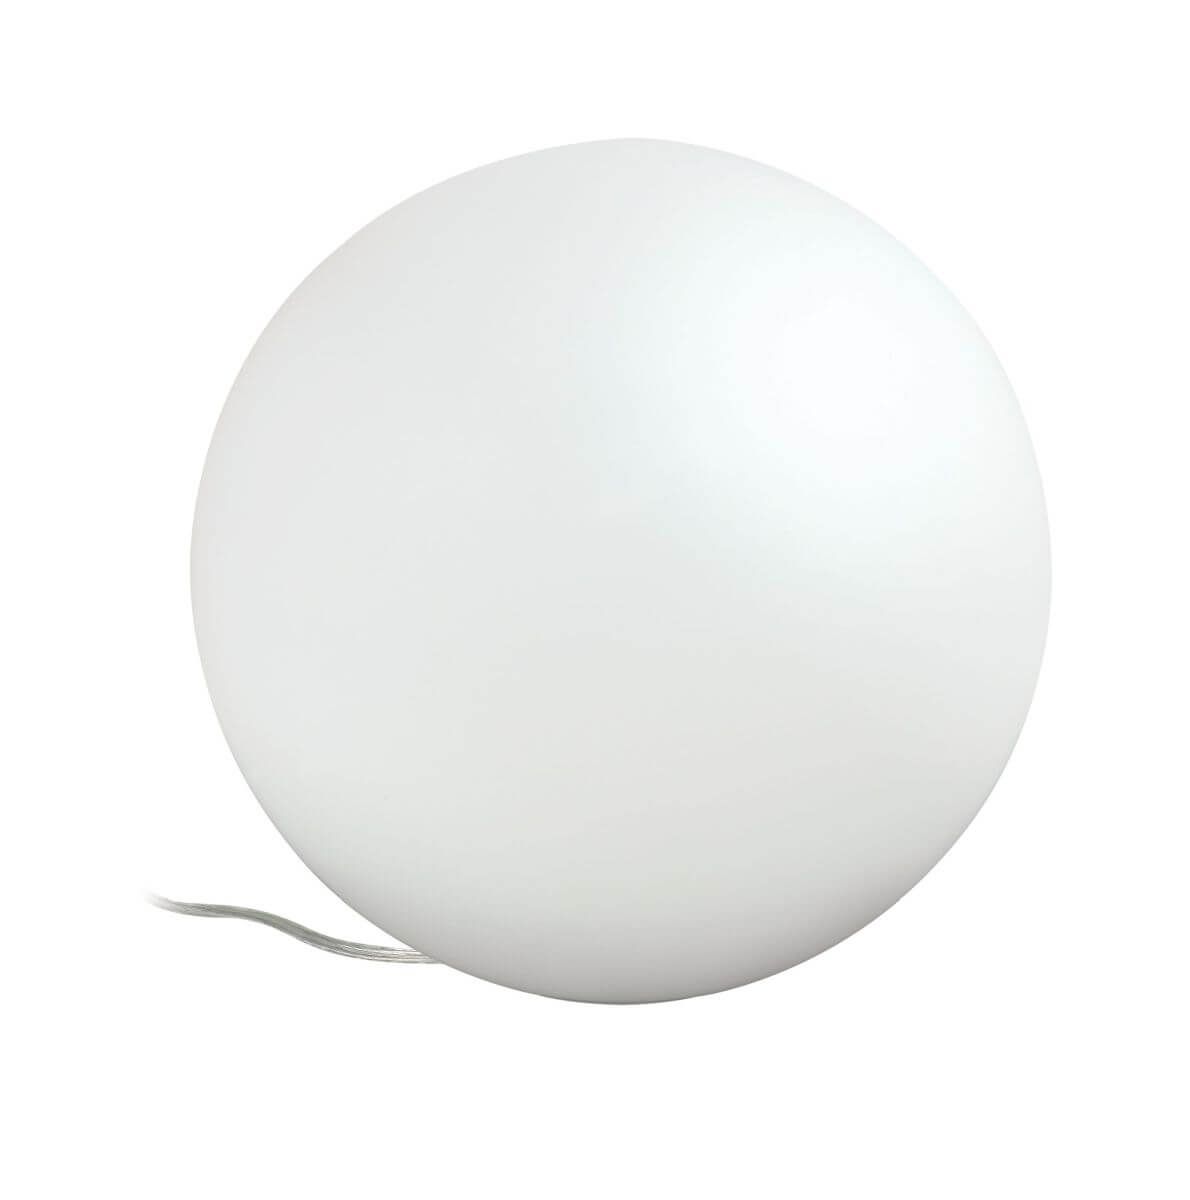 Paulmann SmartHome ZigBee Tischleuchte Siegen, LED Kugelleuchte mit App-Steuerung, Weiß